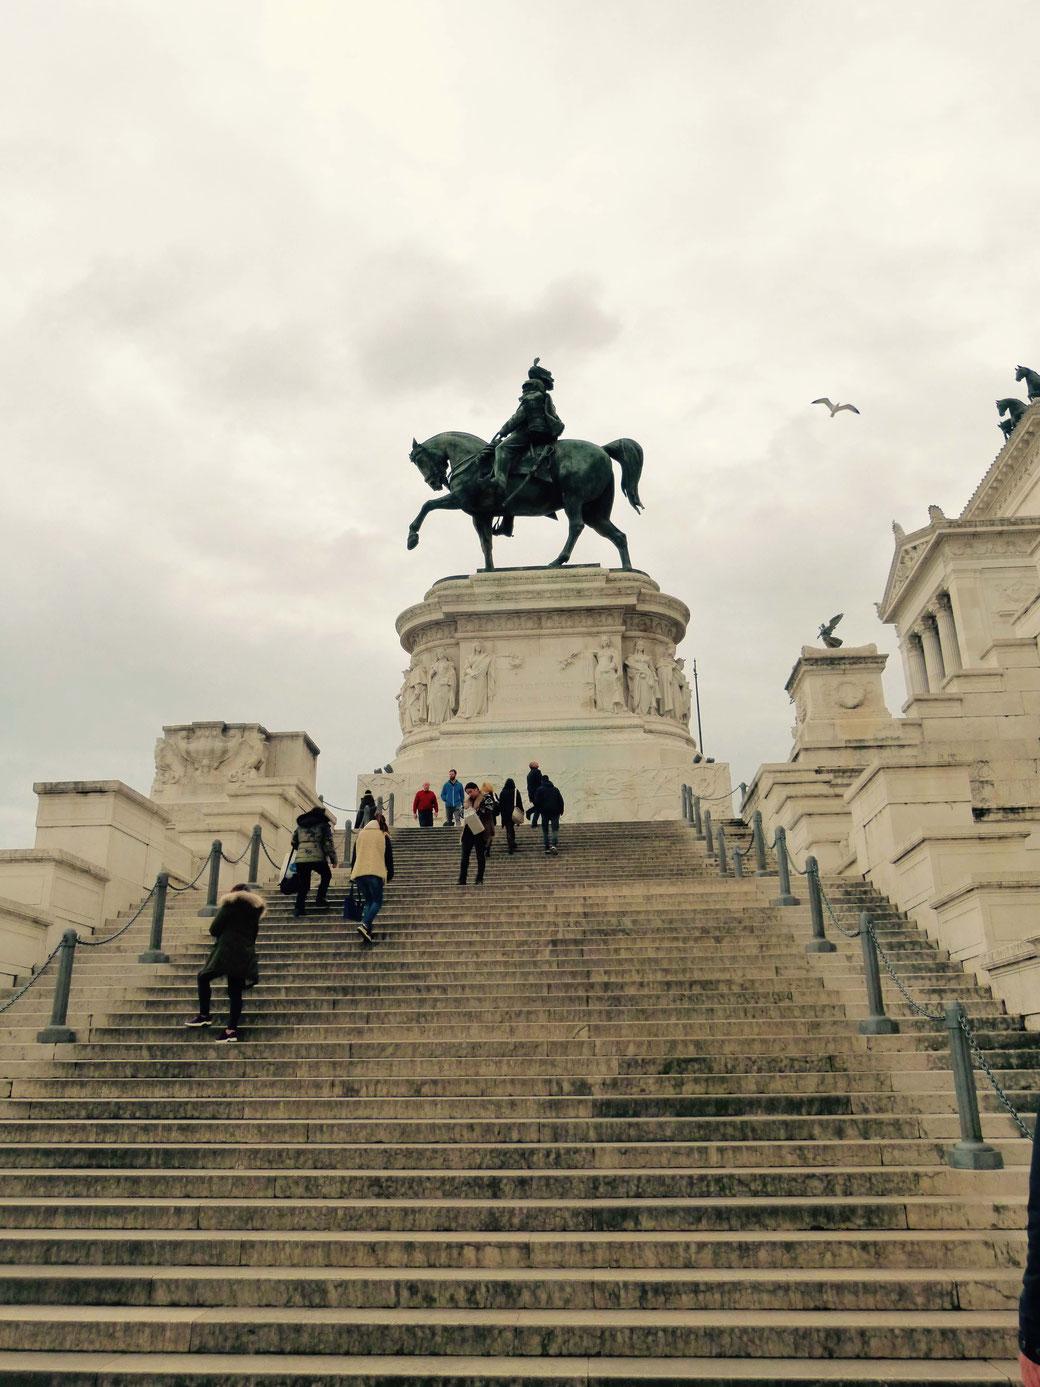 Allein das Pferd, auf dem der erste König Italiens trohnt, ist so groß, dass in dessen Bauch Bauarbeiter an einem Tisch gemütlich Pause machen konnten.